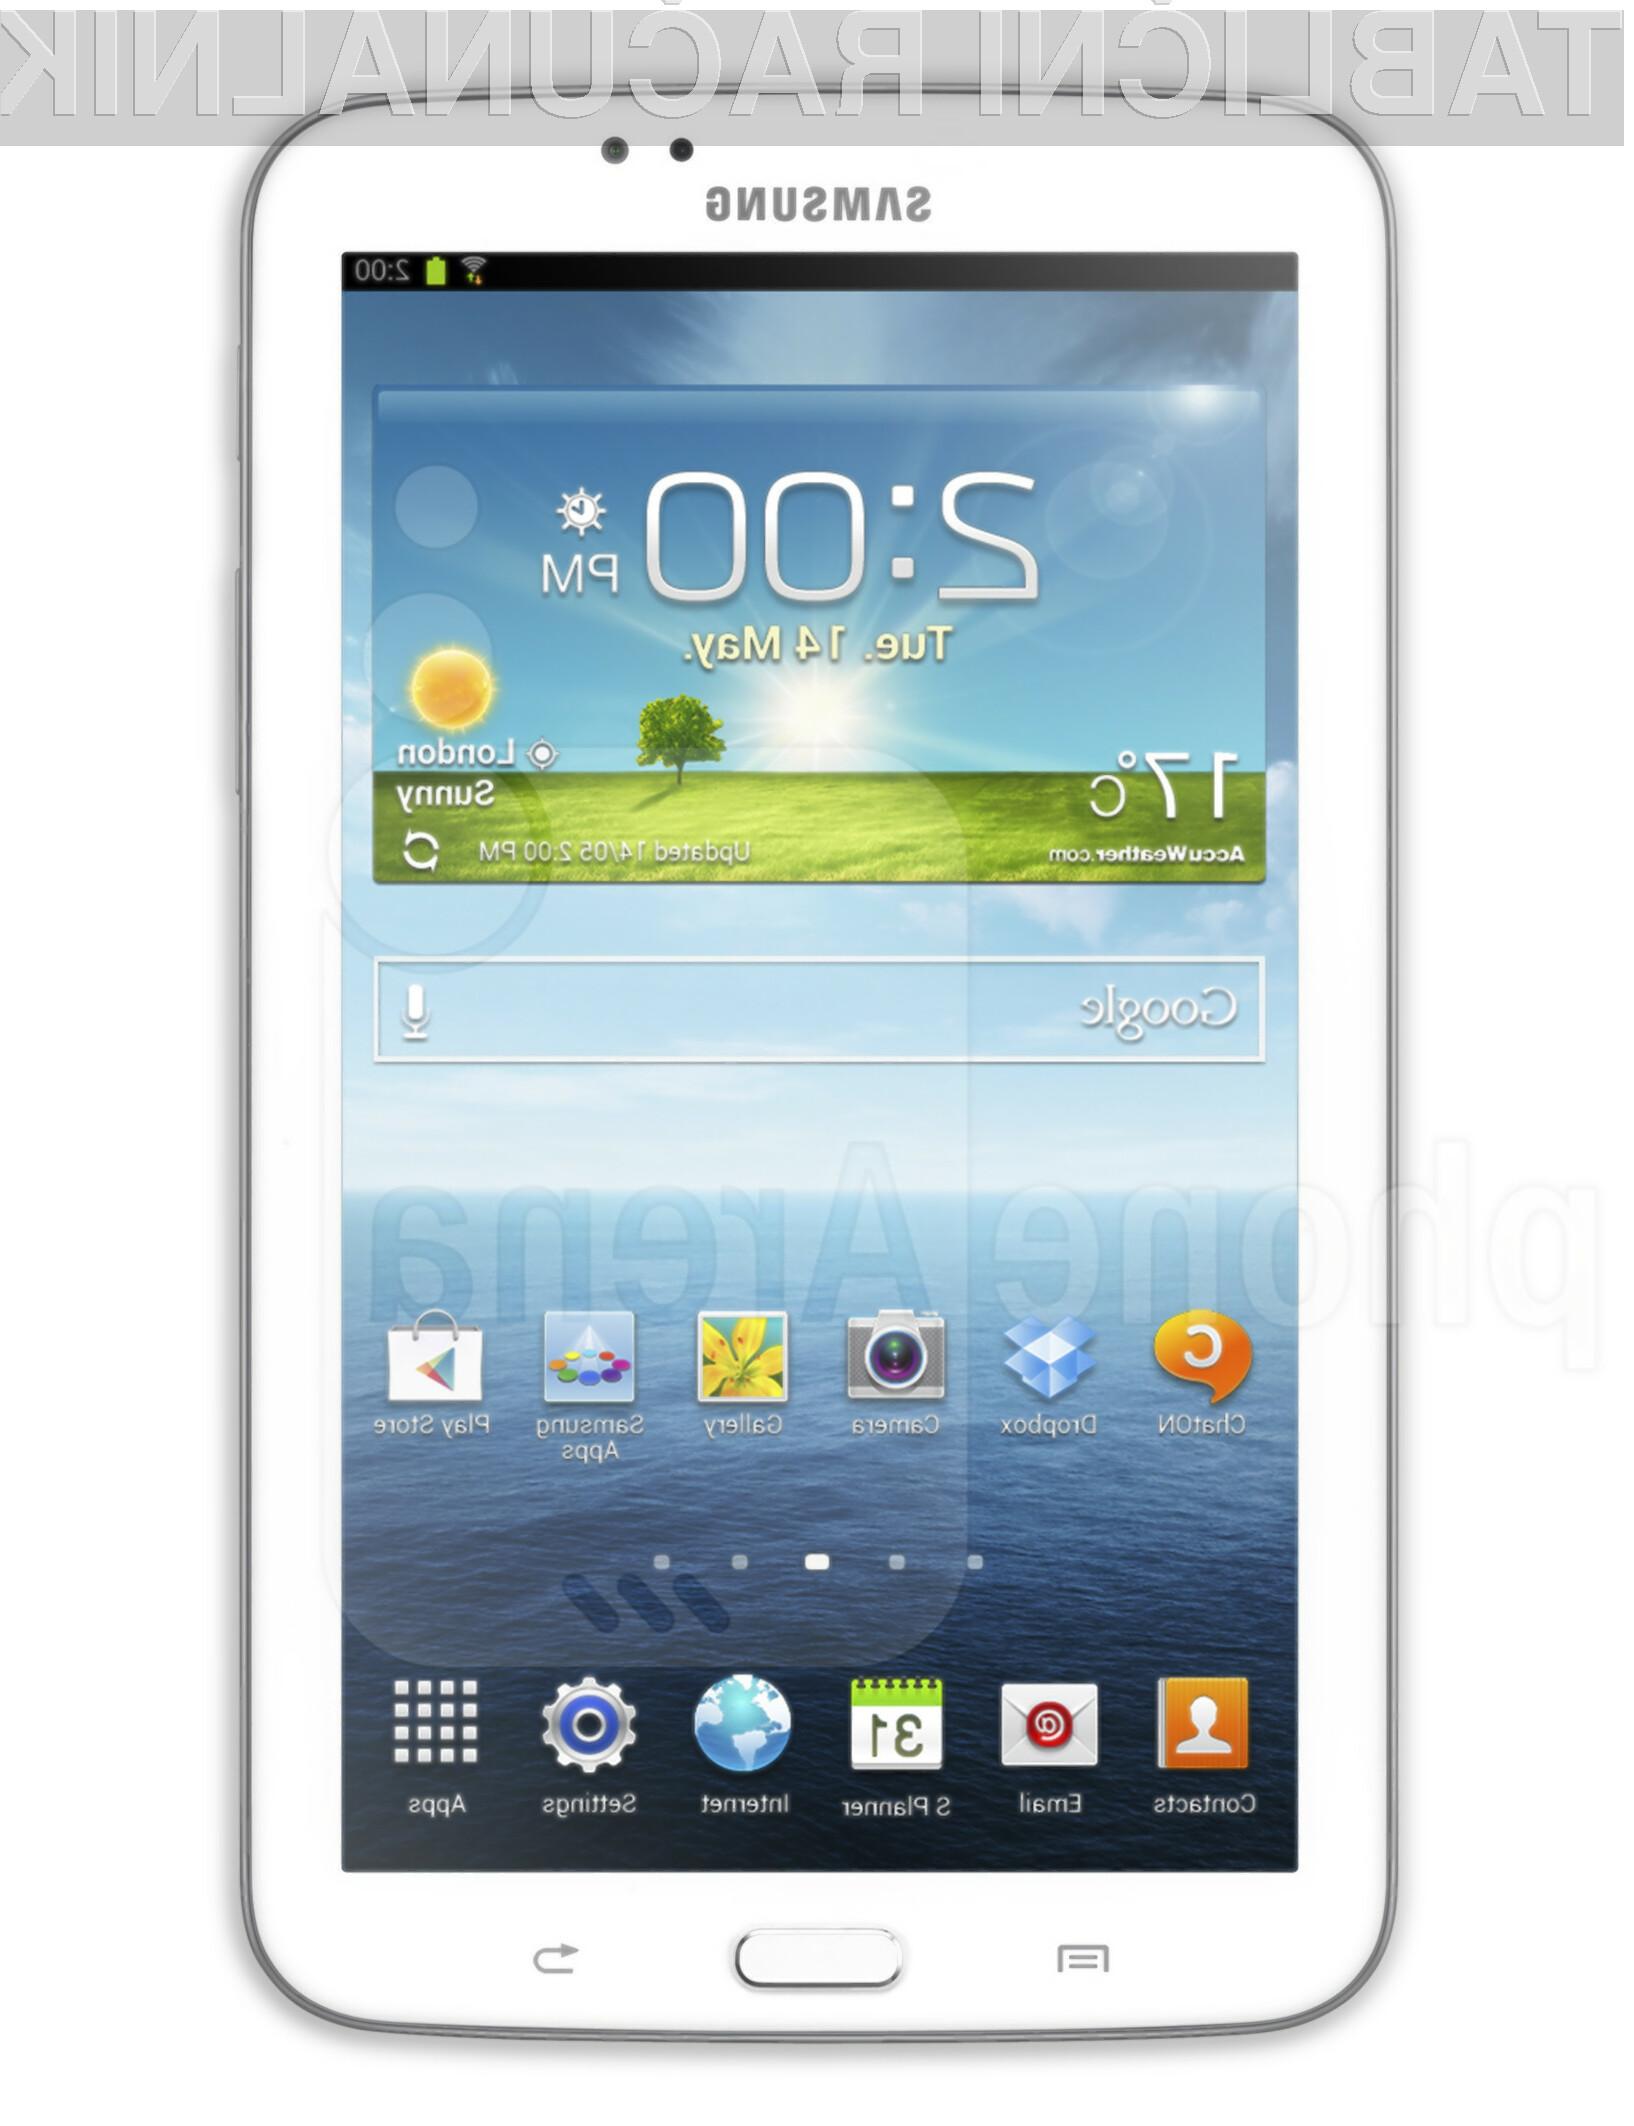 Tablica Galaxy Tab 3 8.0 bo pisana na kožo predvsem poslovnežem in zahtevnejšim uporabnikom.